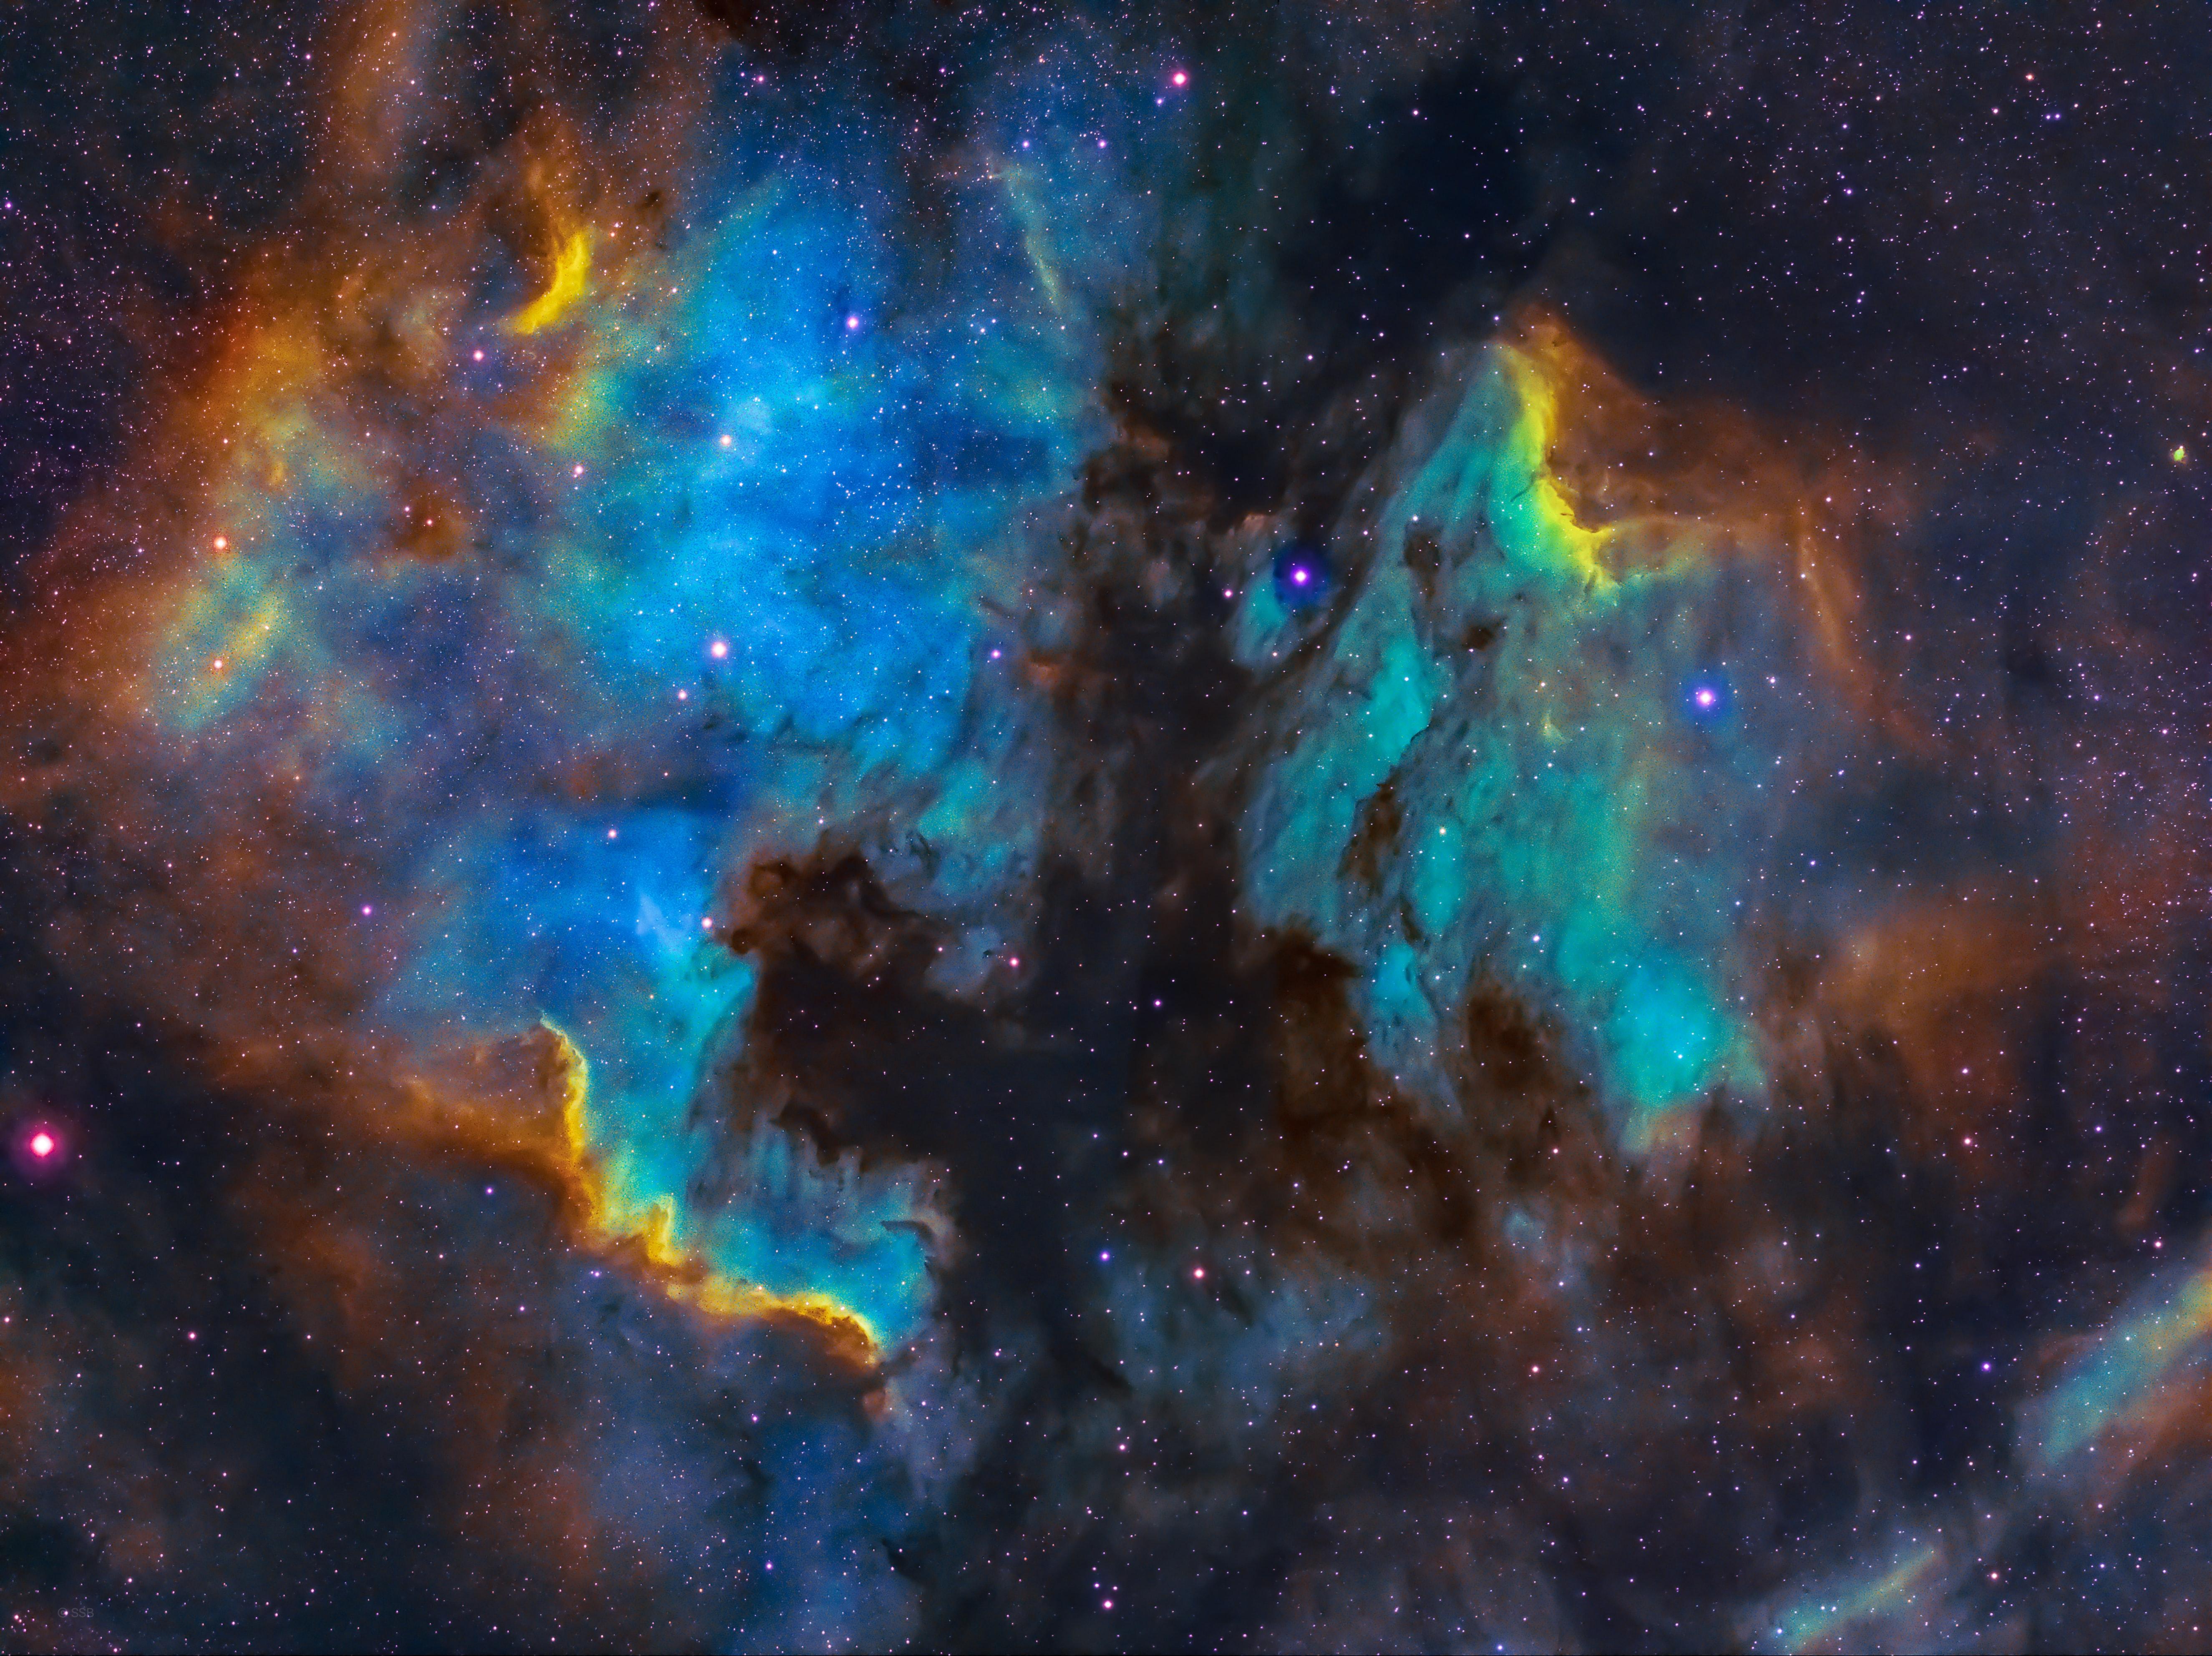 83379 Заставки и Обои Свечение на телефон. Скачать Свечение, Космос, Звезды, Разноцветный, Туманность картинки бесплатно